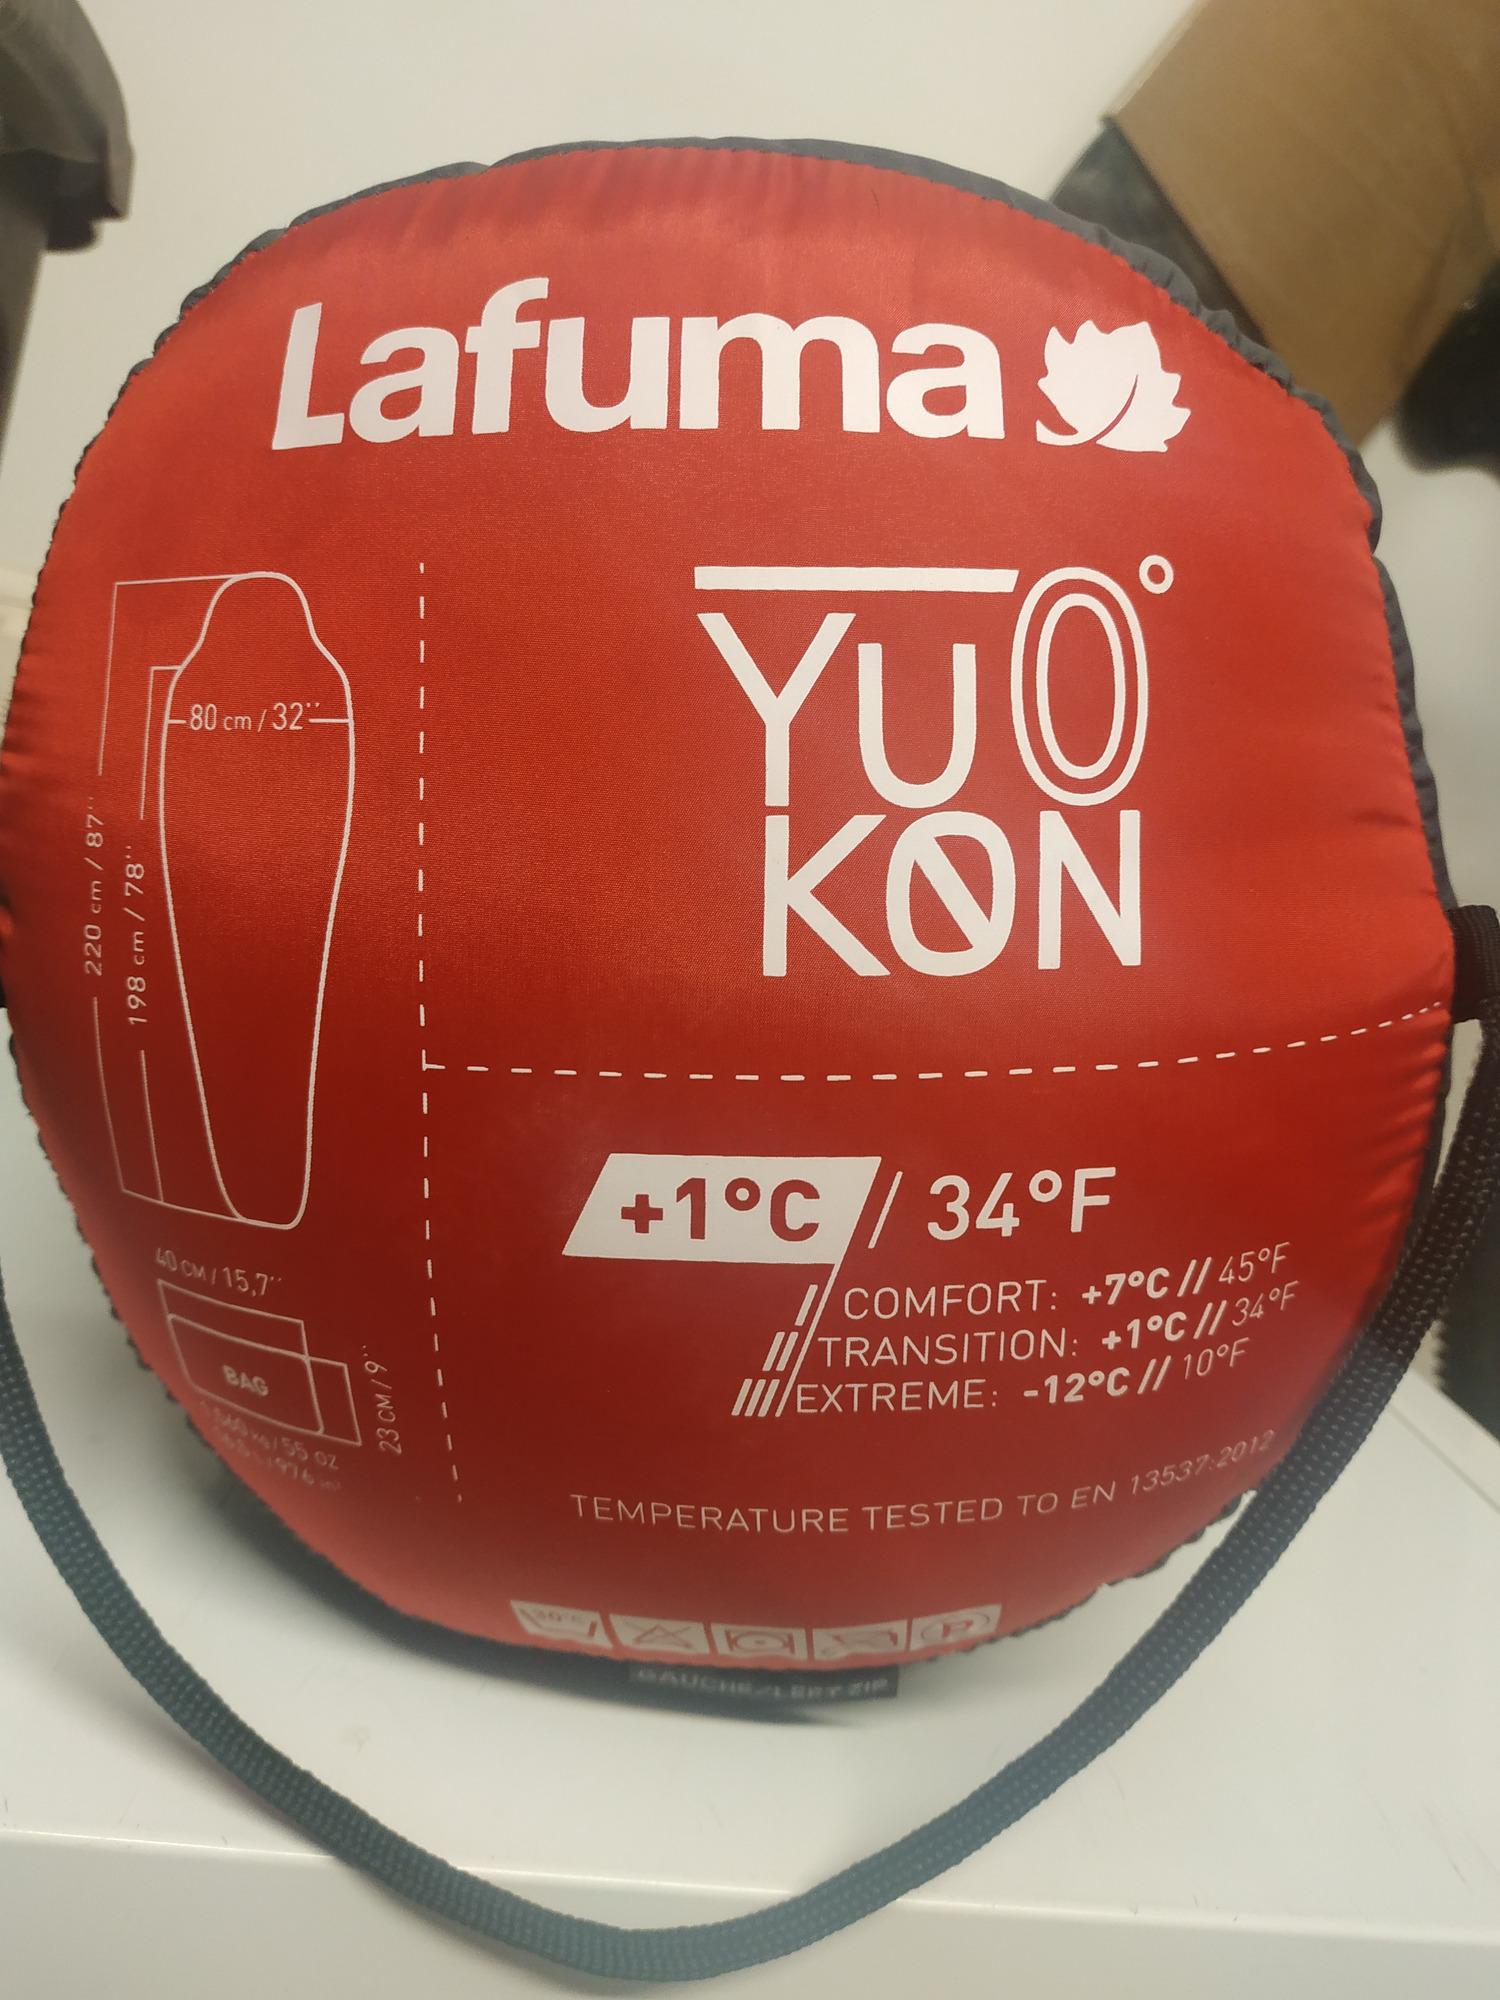 Lafuma Yukon 0°